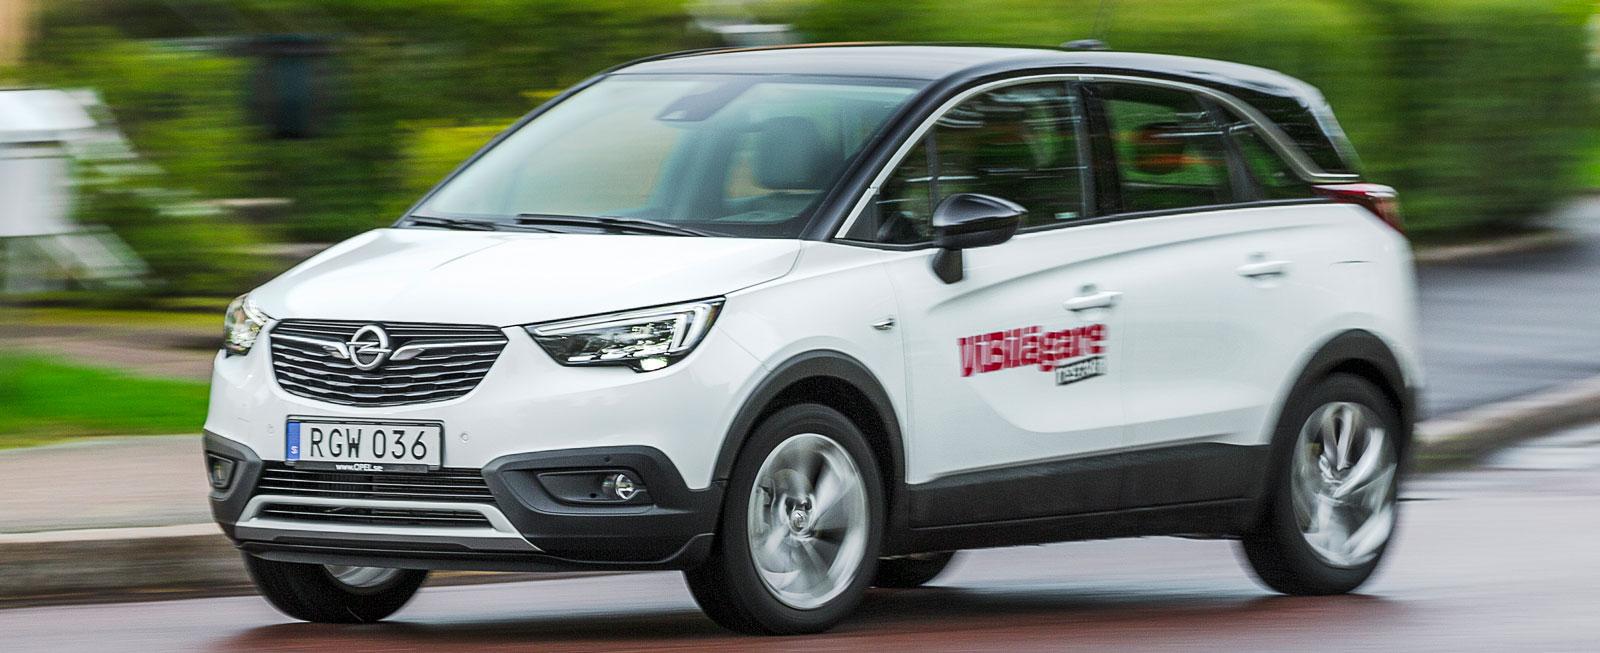 Test: Opel Crossland X, SsangYong Tivoli och Renault Captur (2017)